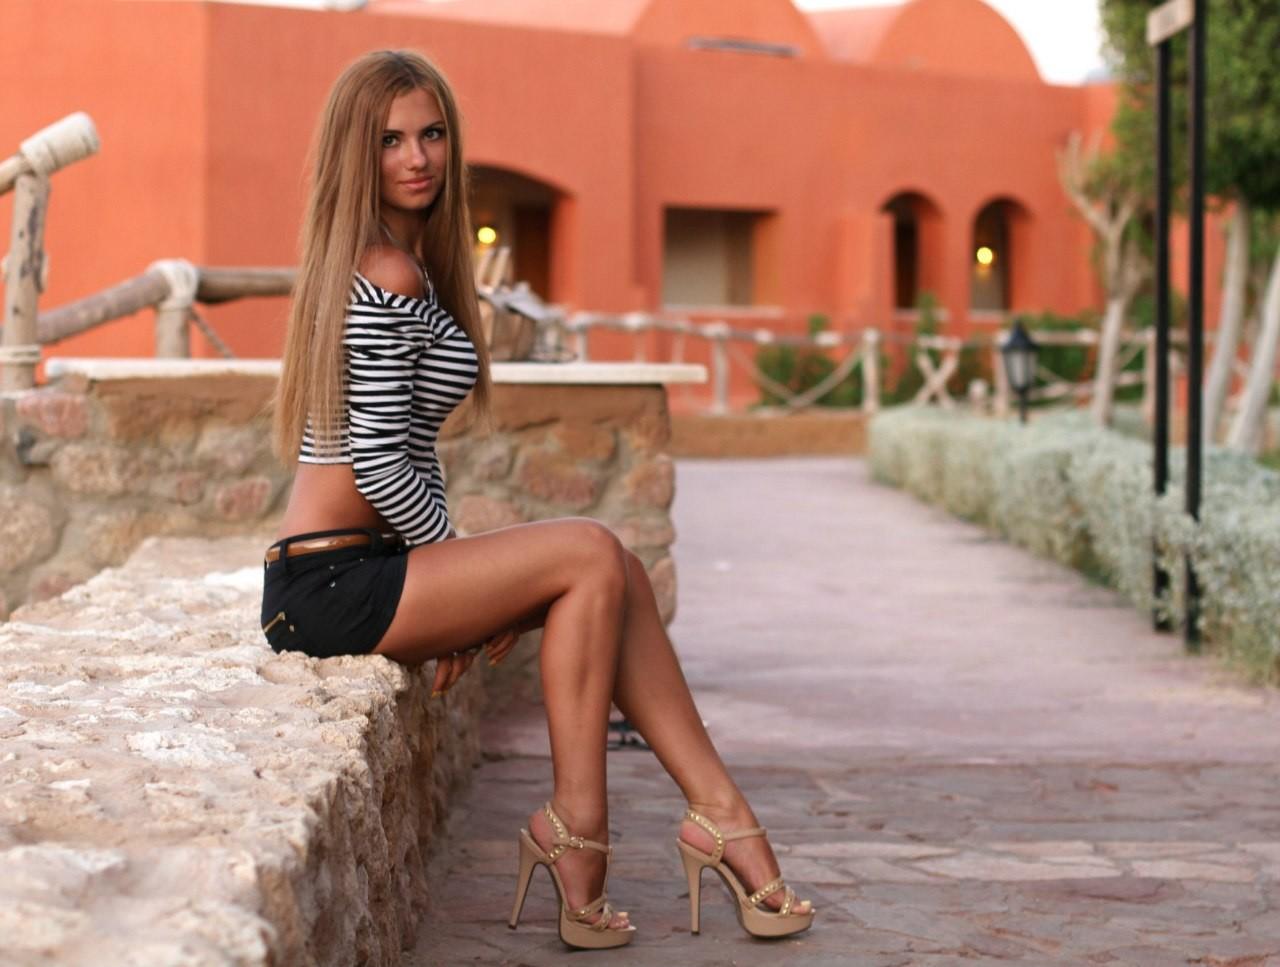 ее, длинные ноги у девушки блондинка тащила